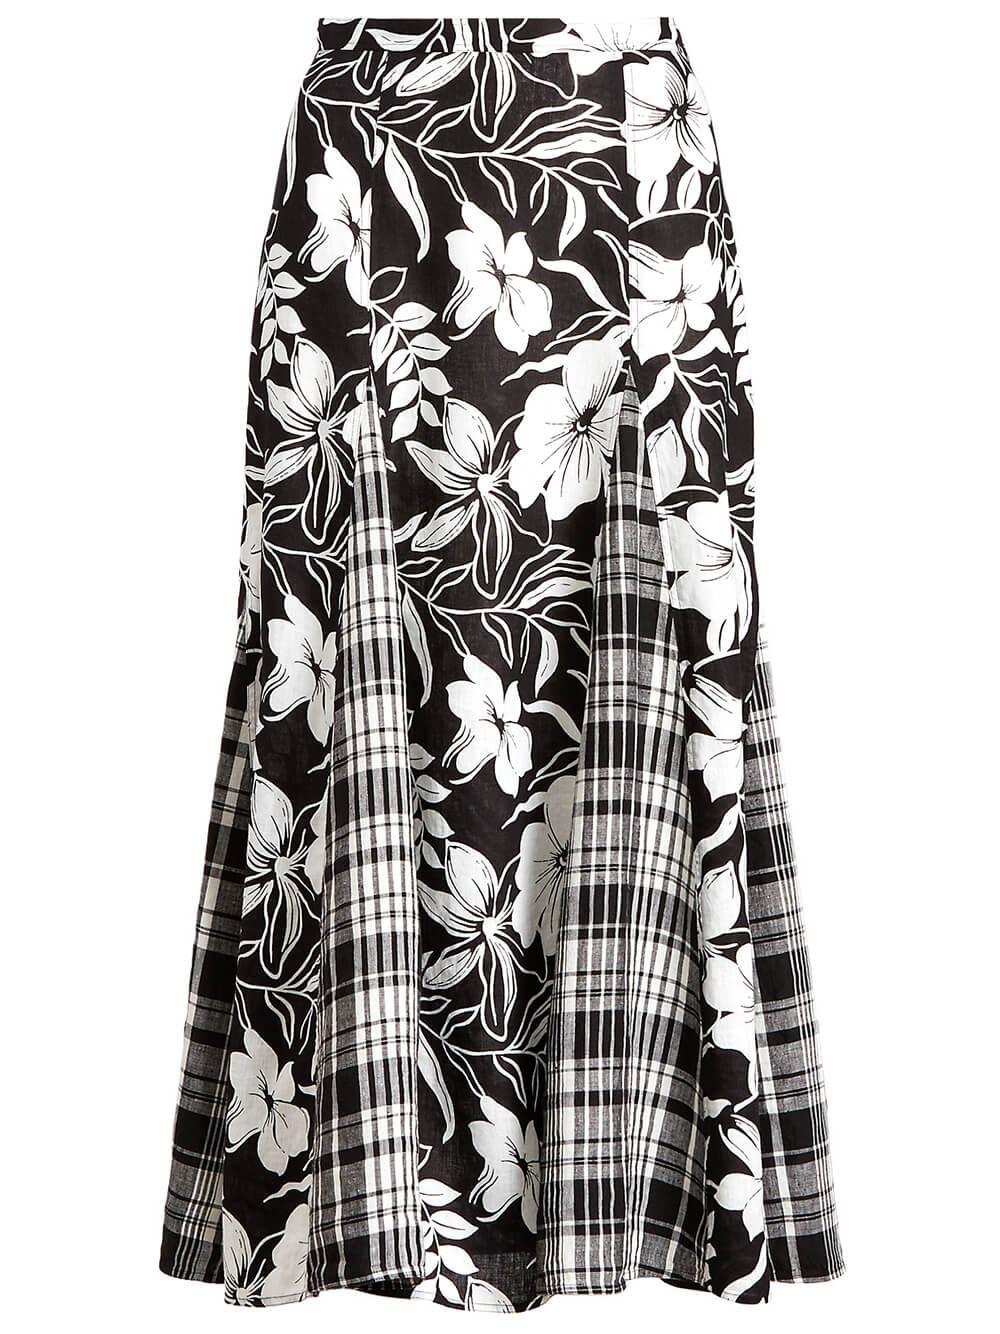 Linen Floral Maxi Skirt Item # 211838966001